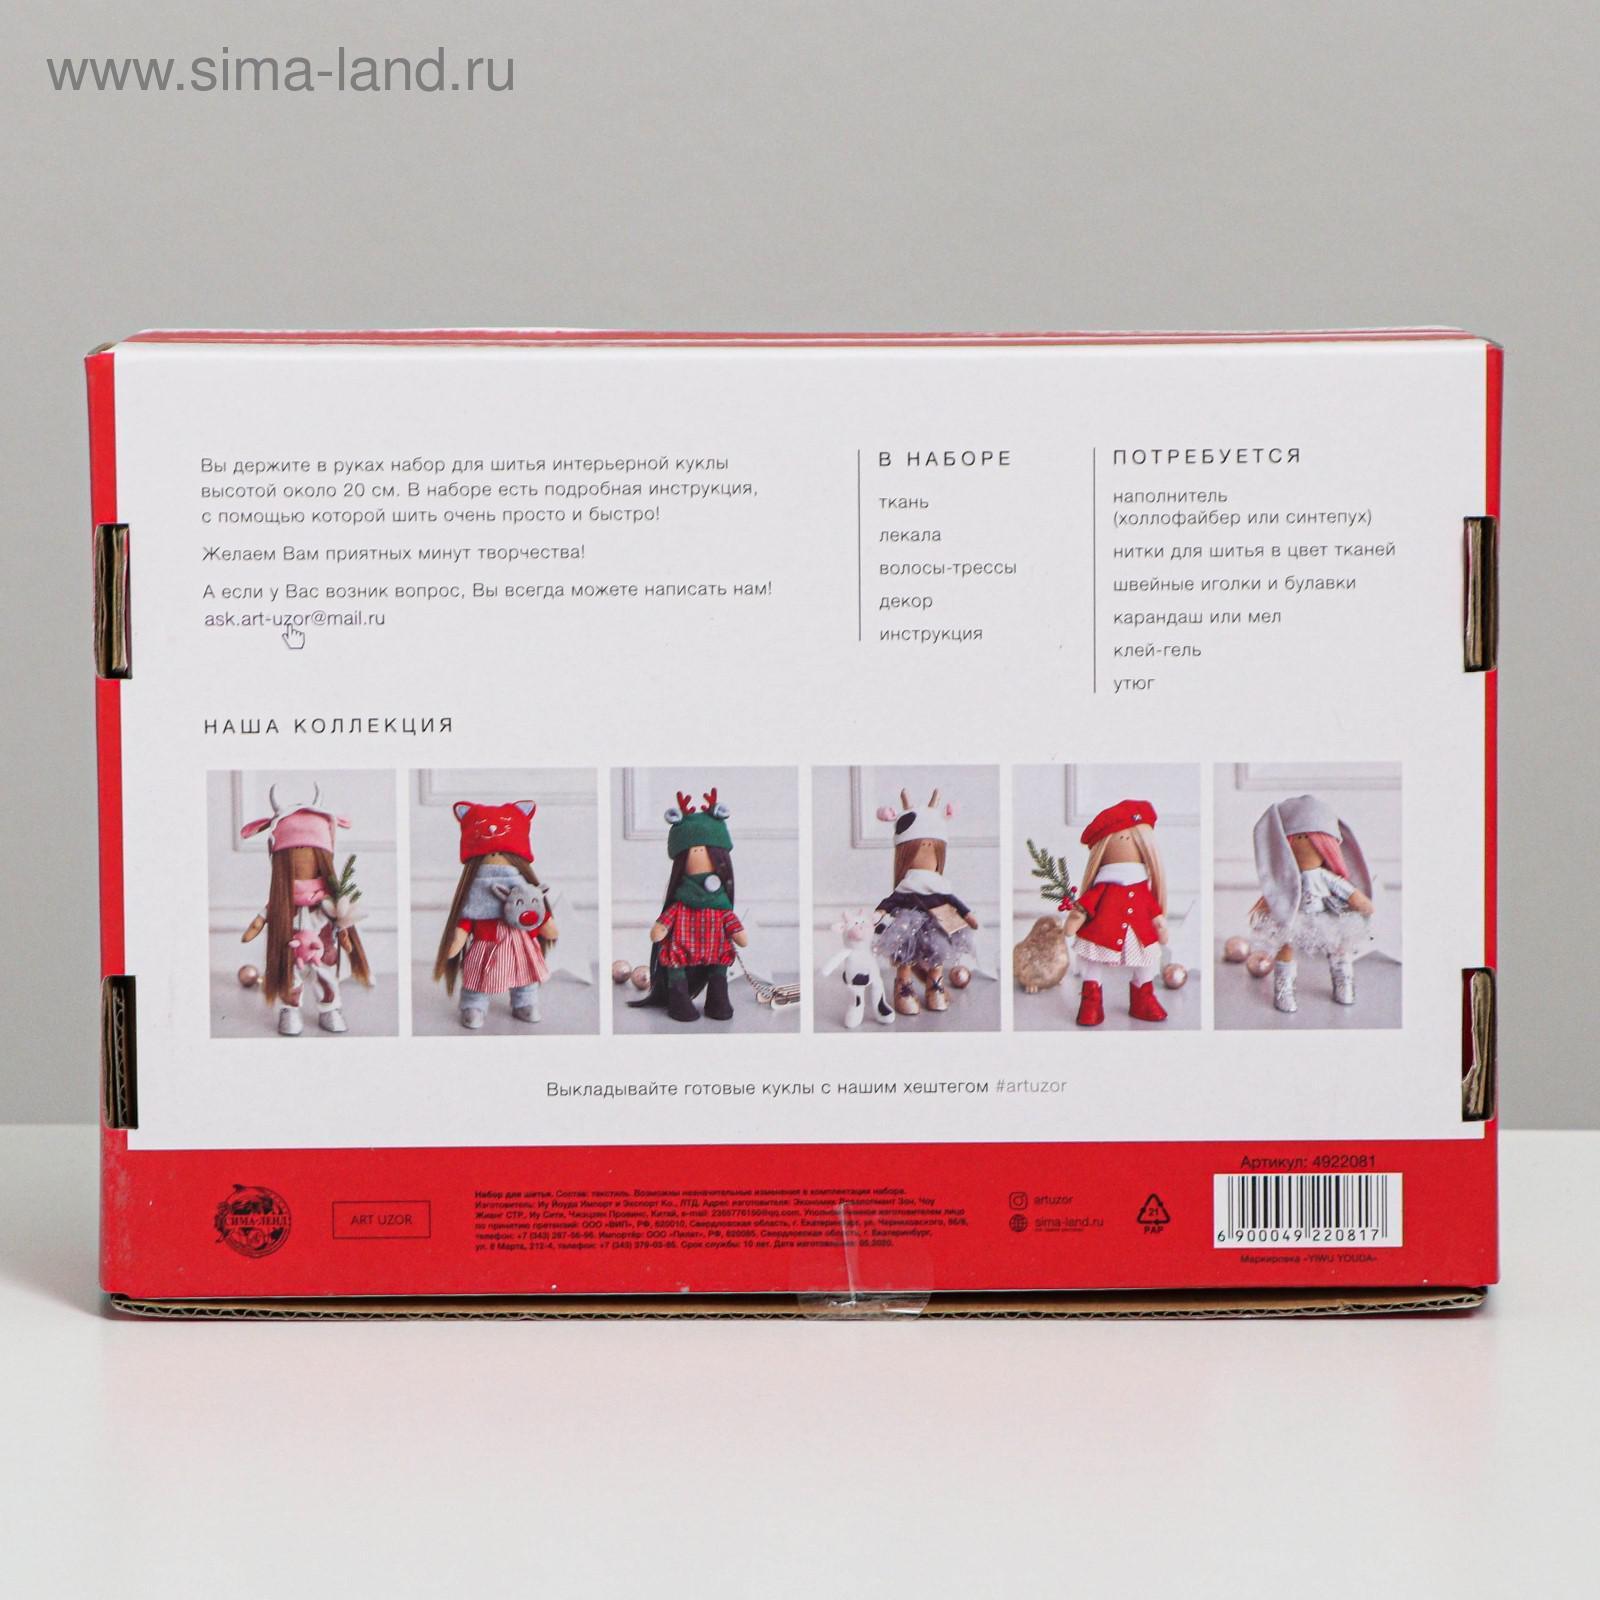 Интерьерная кукла виви ткань хлопок купить в воронеже